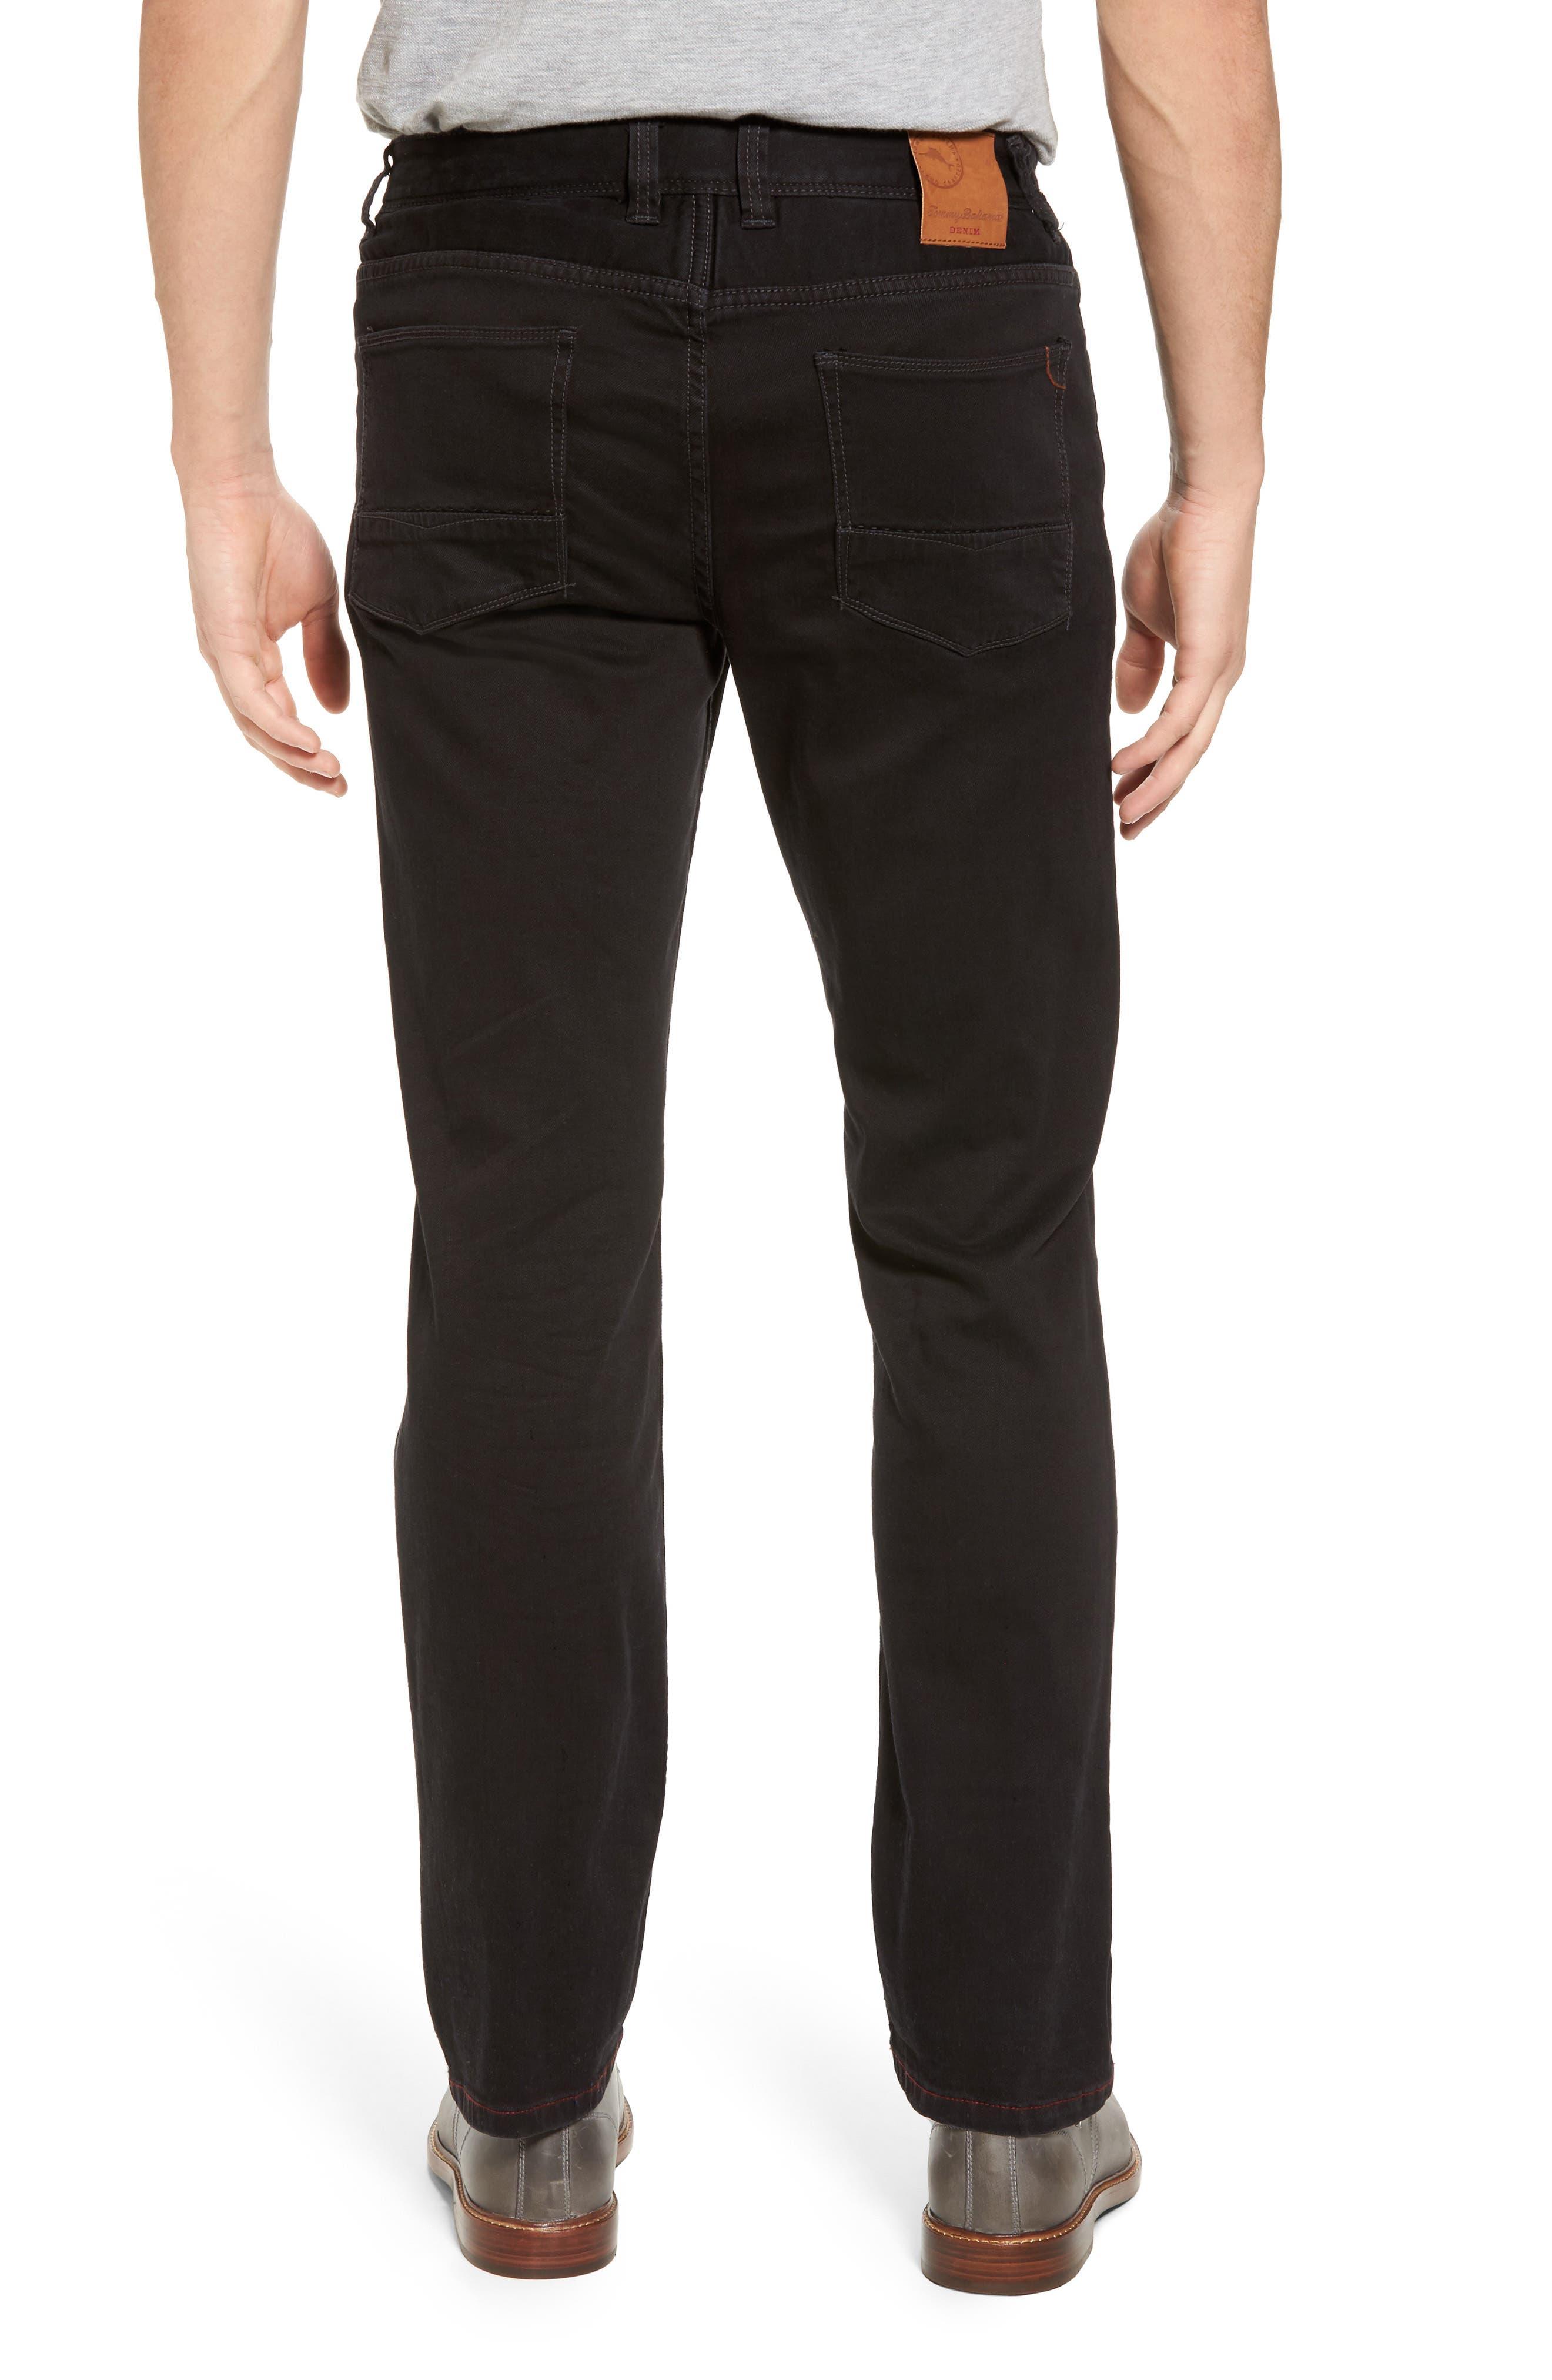 Sand Straight Leg Jeans,                             Alternate thumbnail 2, color,                             BLACK OVERDYE